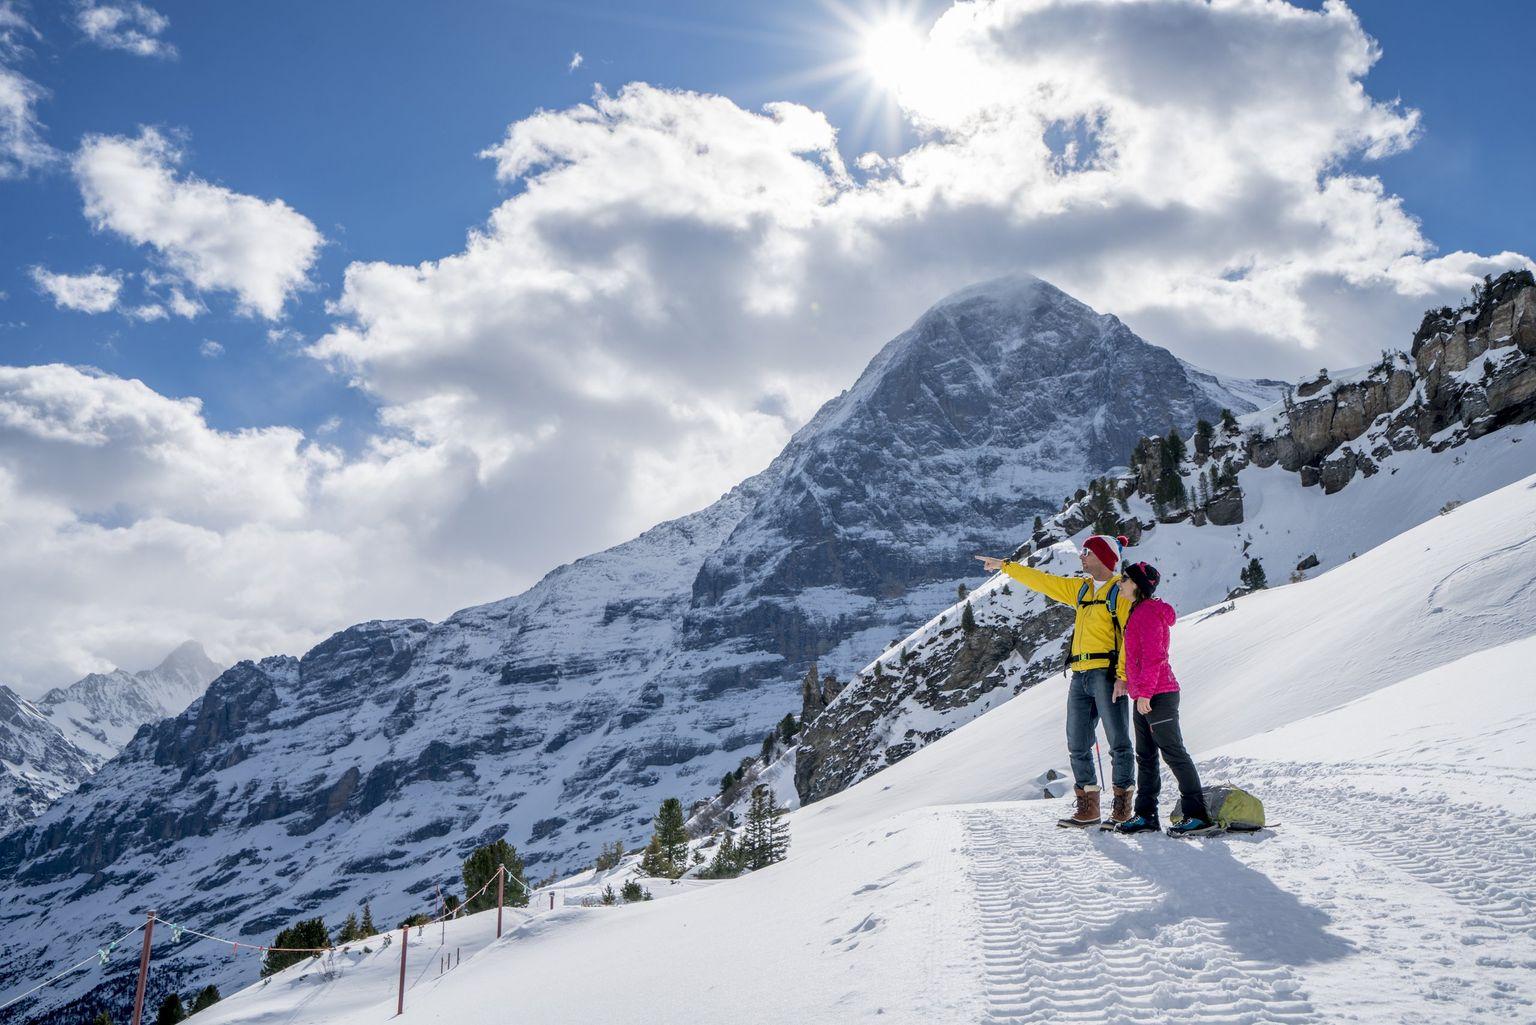 Núi tuyết hùng vĩ lạnh lẽo mùa đông